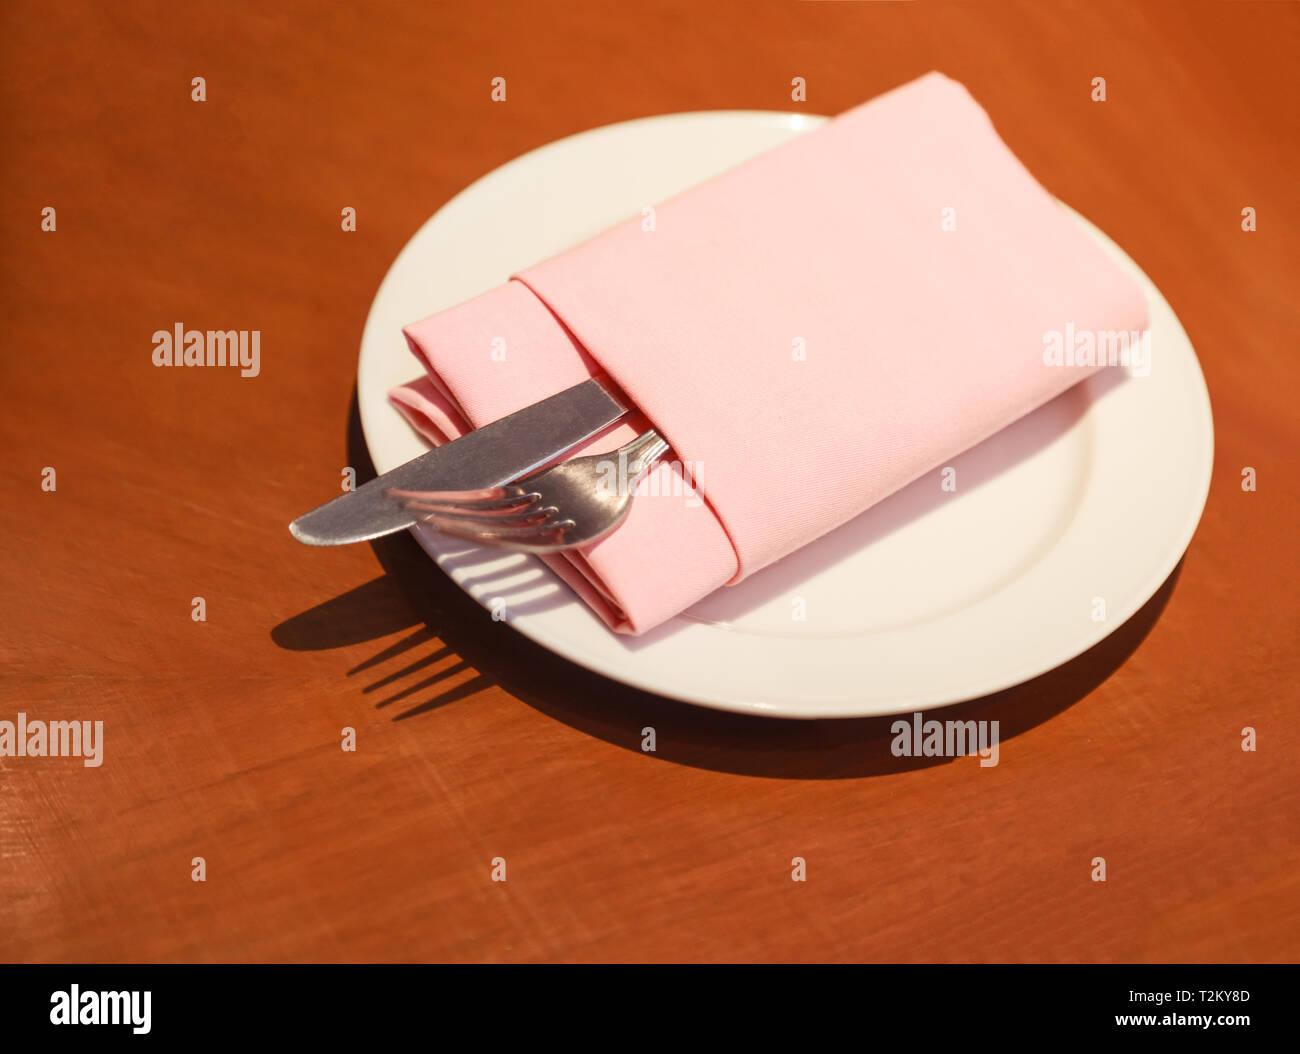 Pastellfarben Tuch Serviette Serviette Falten Mit Besteck Messer Gabel Besteck In Weiss Platte Auf Dem Holzernen Tisch Bereit Bereit Fur Den Kunden Nicht Zu Verwenden Stockfotografie Alamy